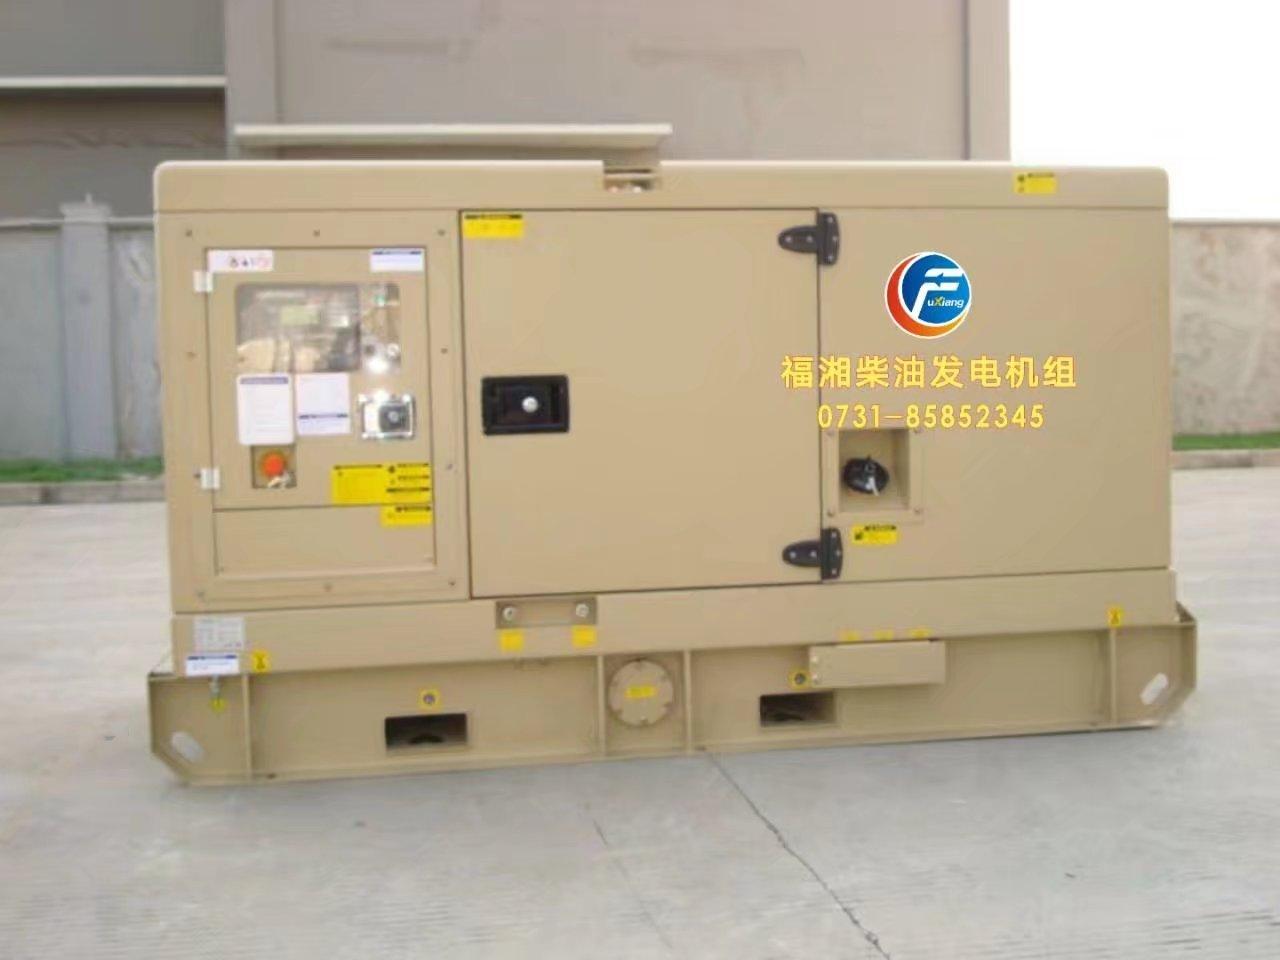 长沙正宗柴油发电机组厂家供货|精良的正宗柴油发电机组